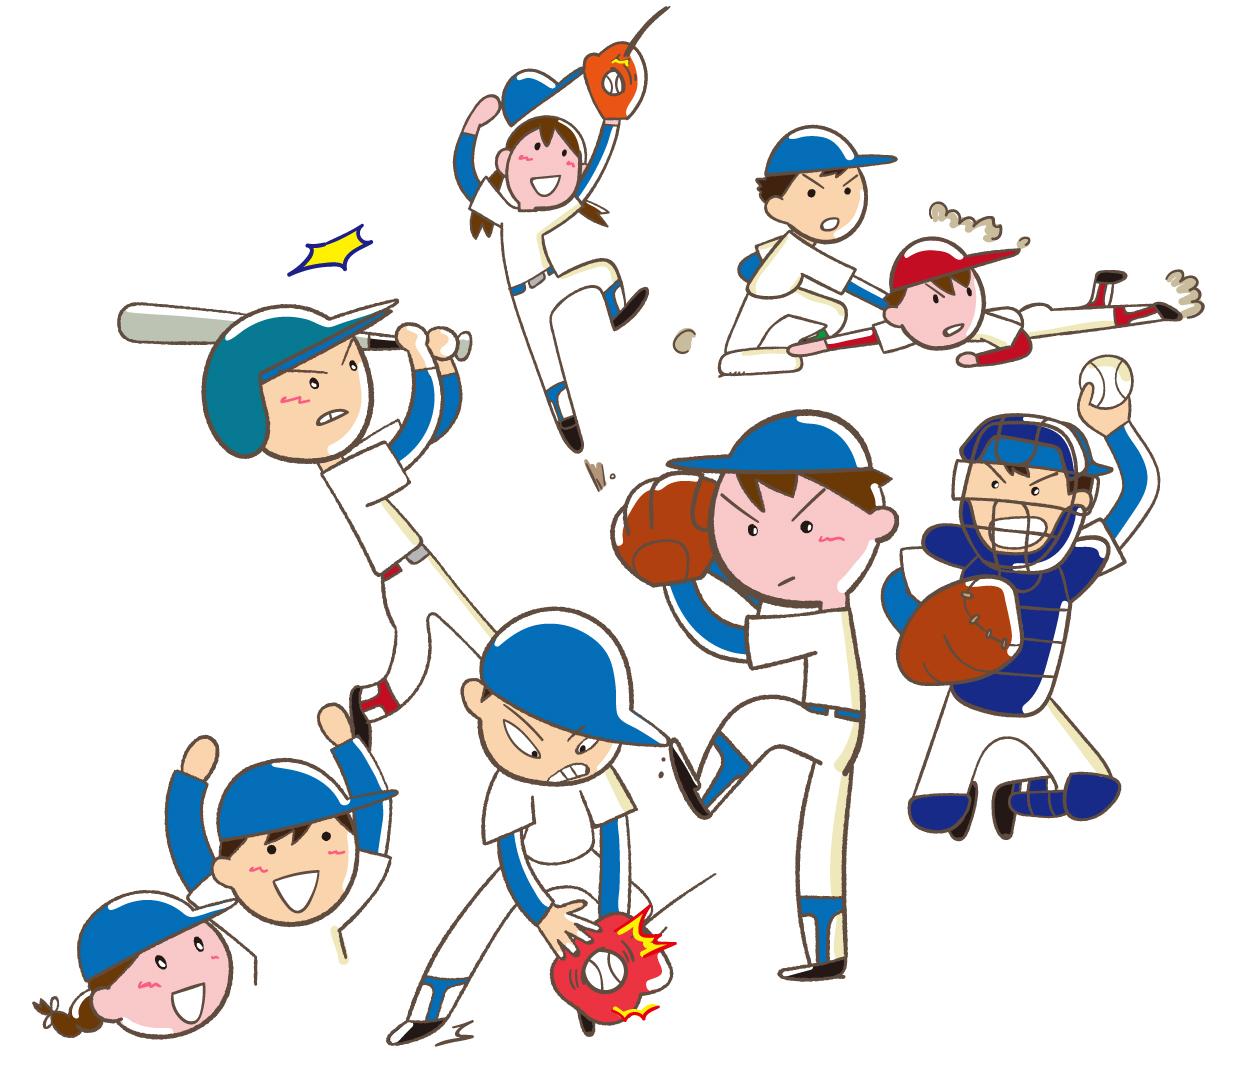 はじめての草野球 一人でも多くチームメンバーを集める方法's image